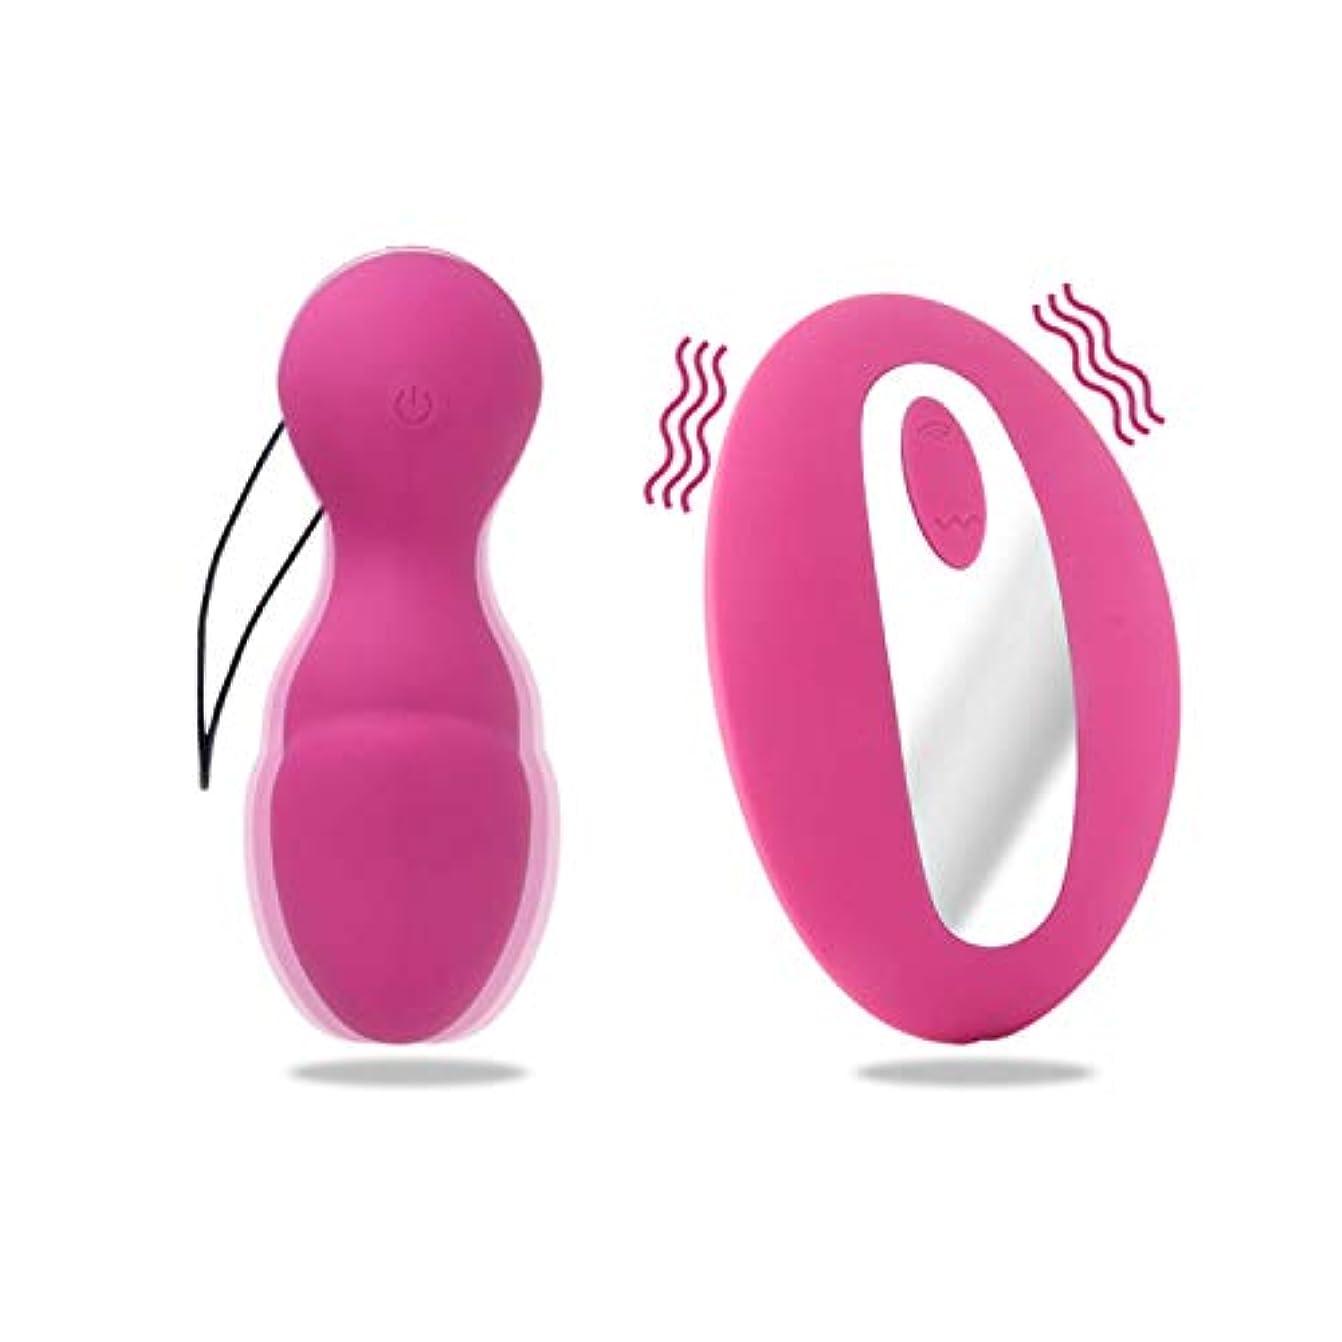 ジュニア呼びかける薄汚いハンディマッサージャー コードレス 電動 10種振動パタン 10種スピード 強力 静音 疲労回復 USB充電式 完全防水 シリコン製 ブラック